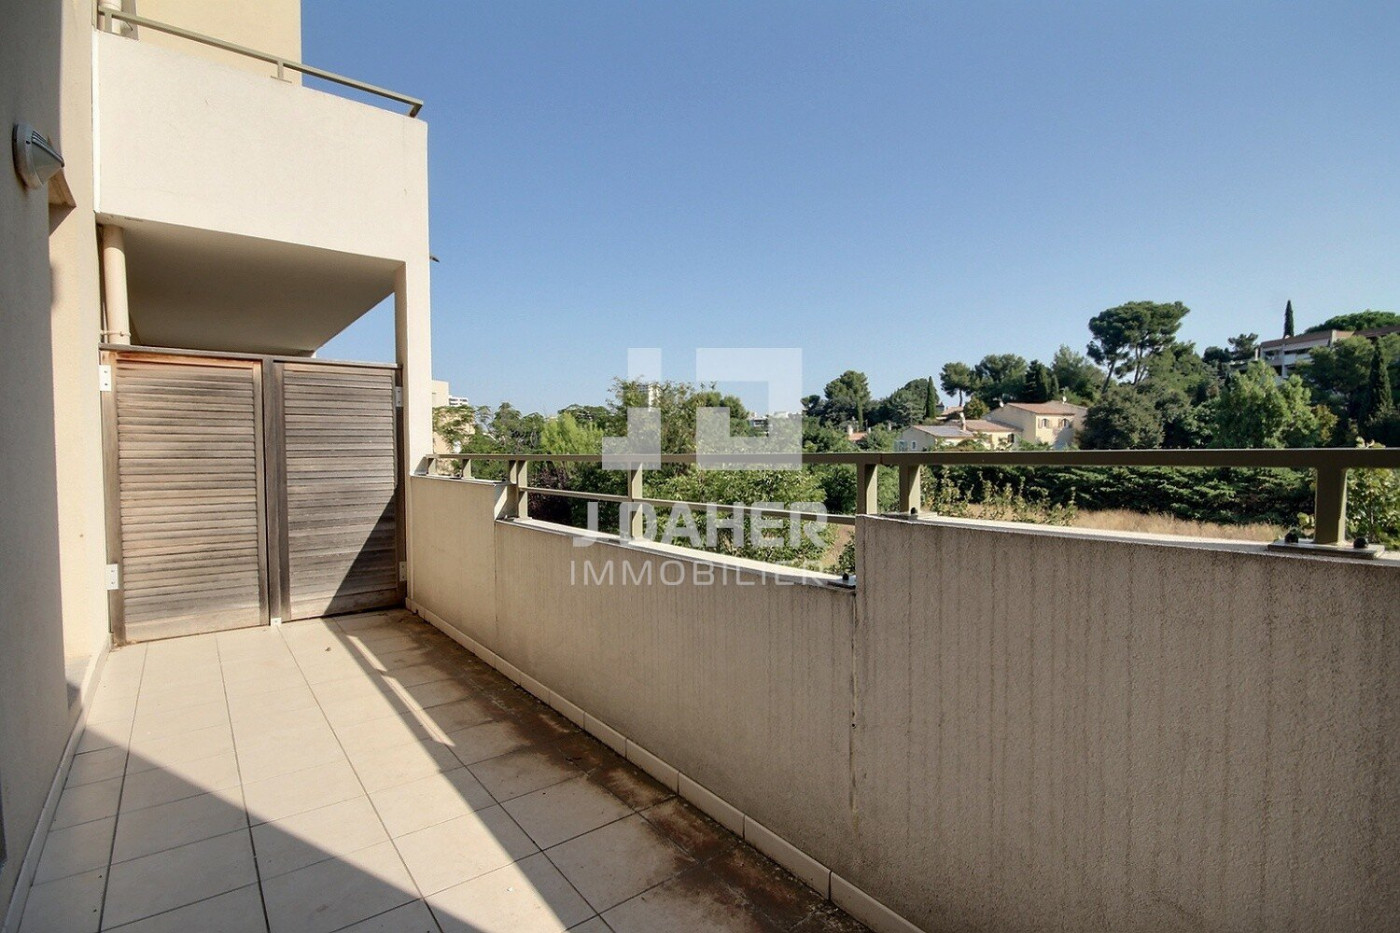 A vendre  Marseille 9eme Arrondissement | Réf 130251004 - J daher immobilier